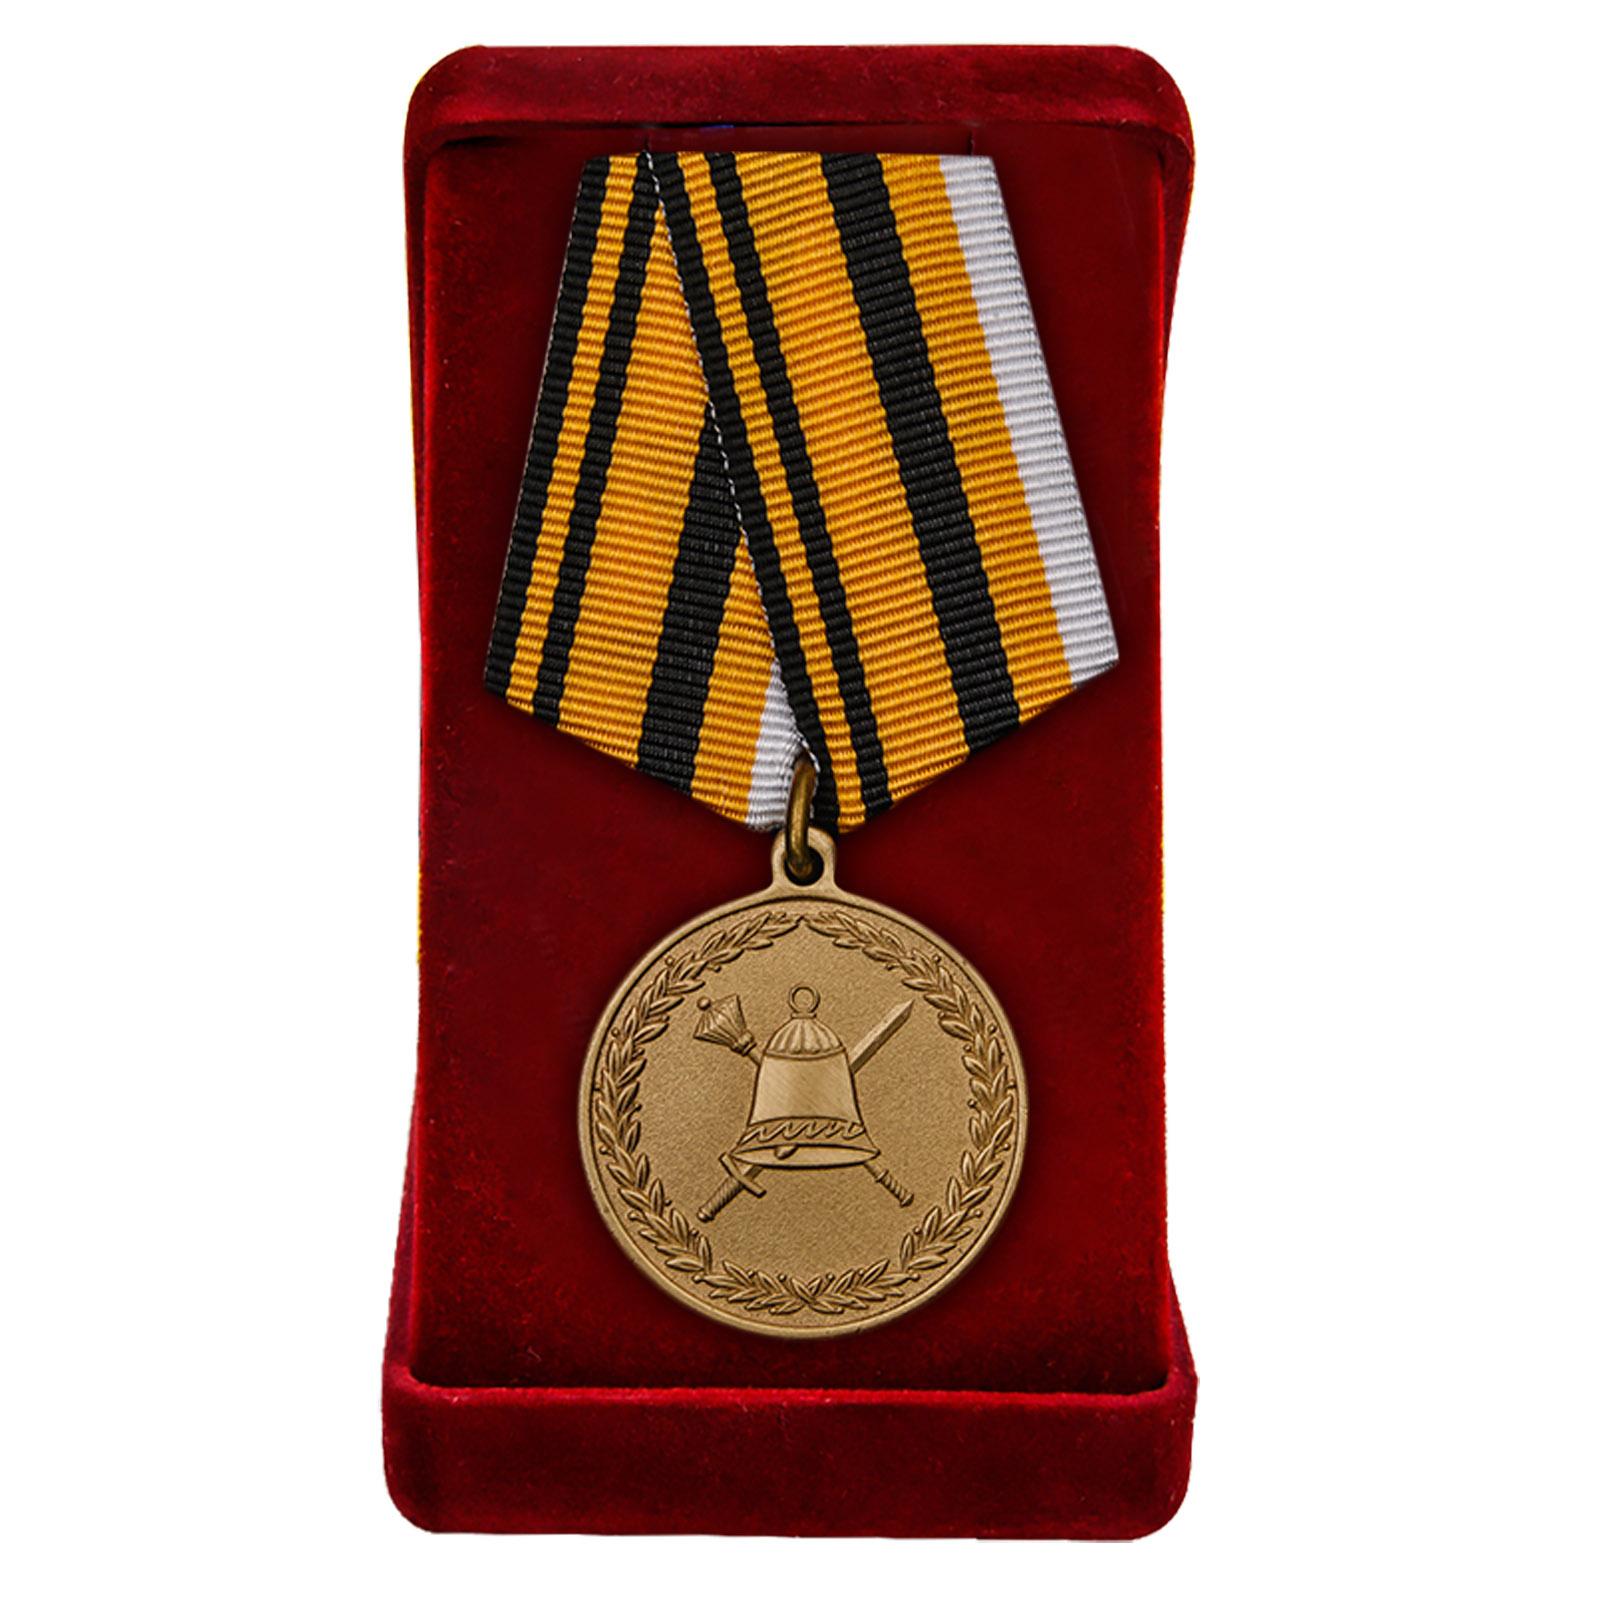 Купить медаль МО РФ 50 лет Главному организационно-мобилизационному управлению Генерального штаба в подарок